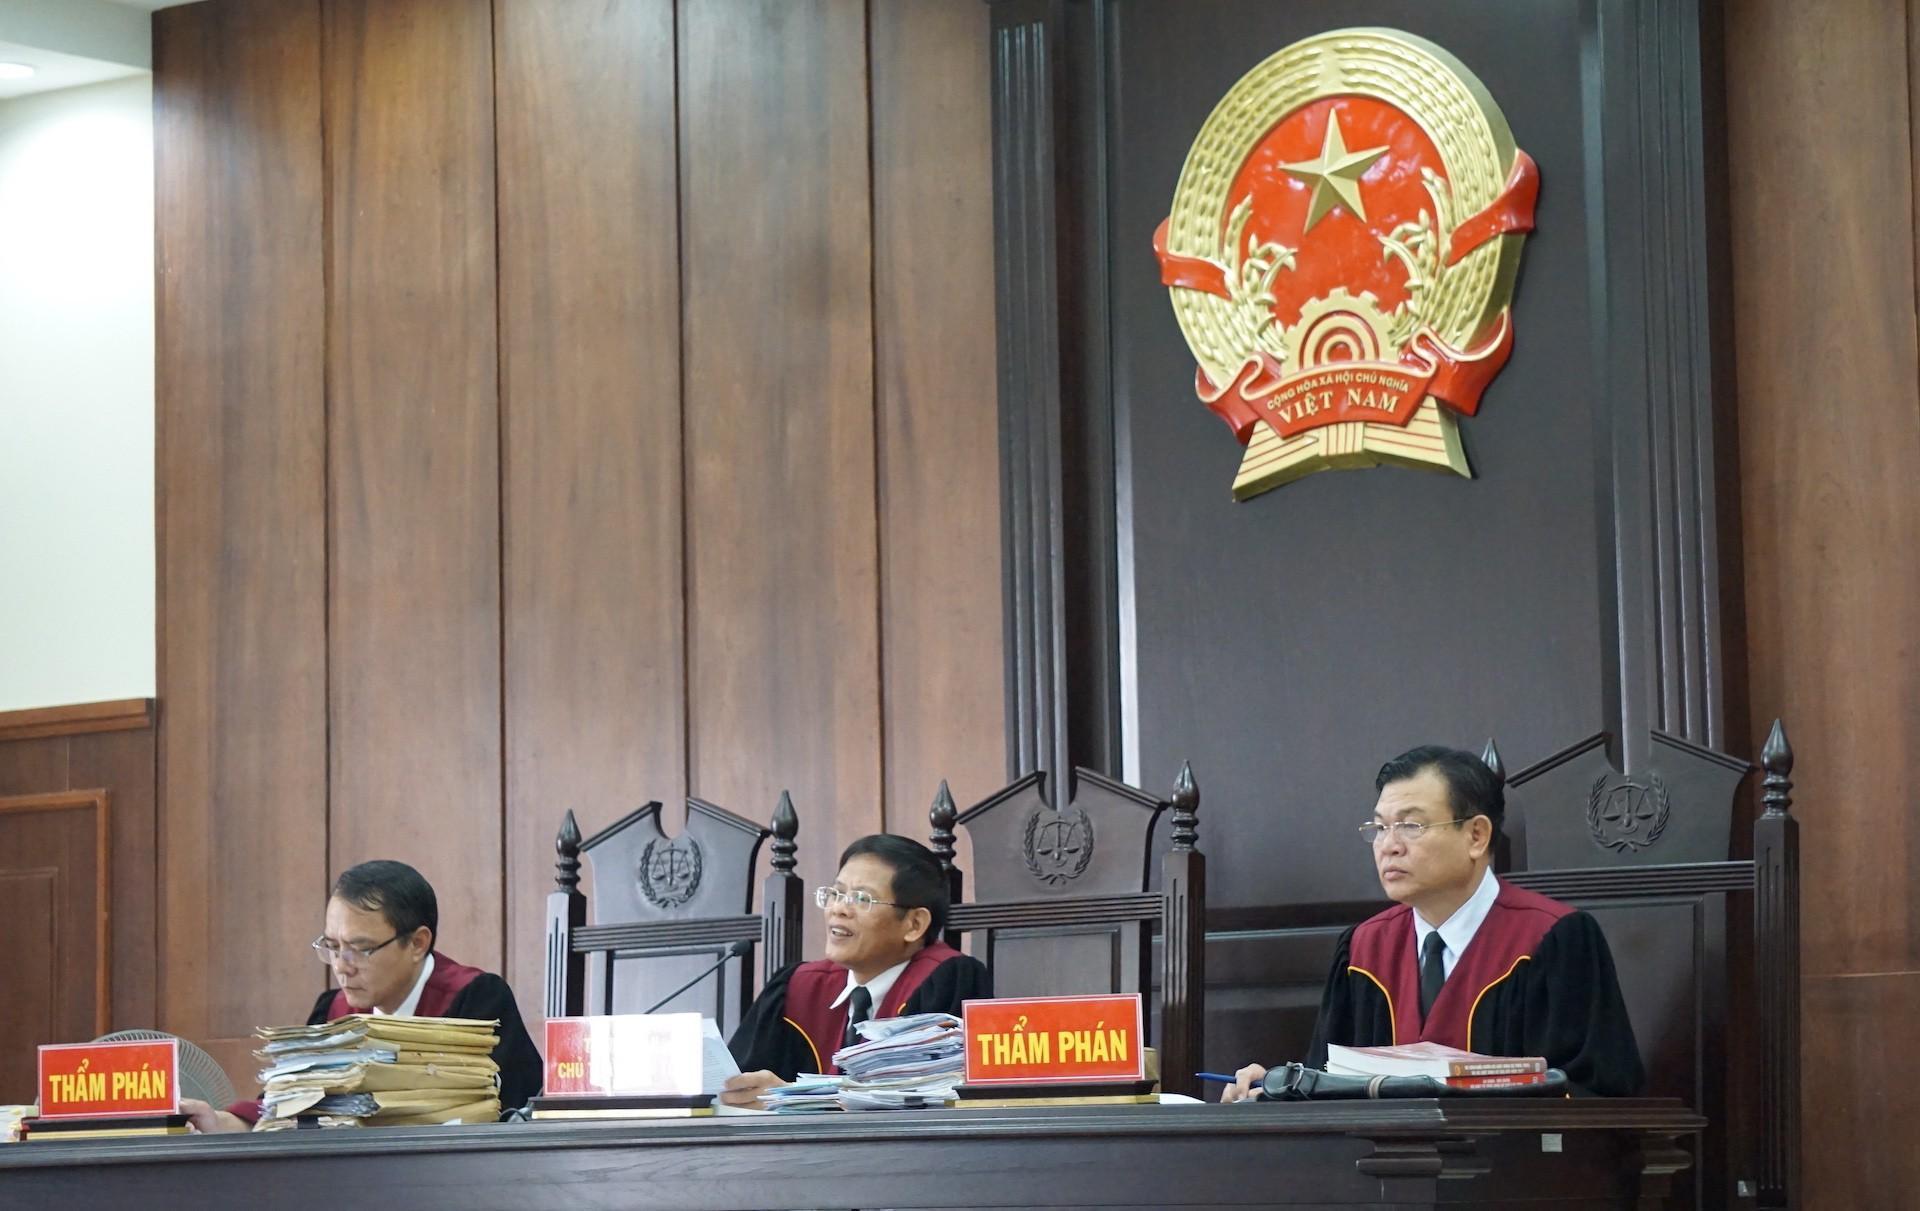 Vụ án đường Hồ Chí Minh: Kêu oan, tòa không xem xét hình phạt?